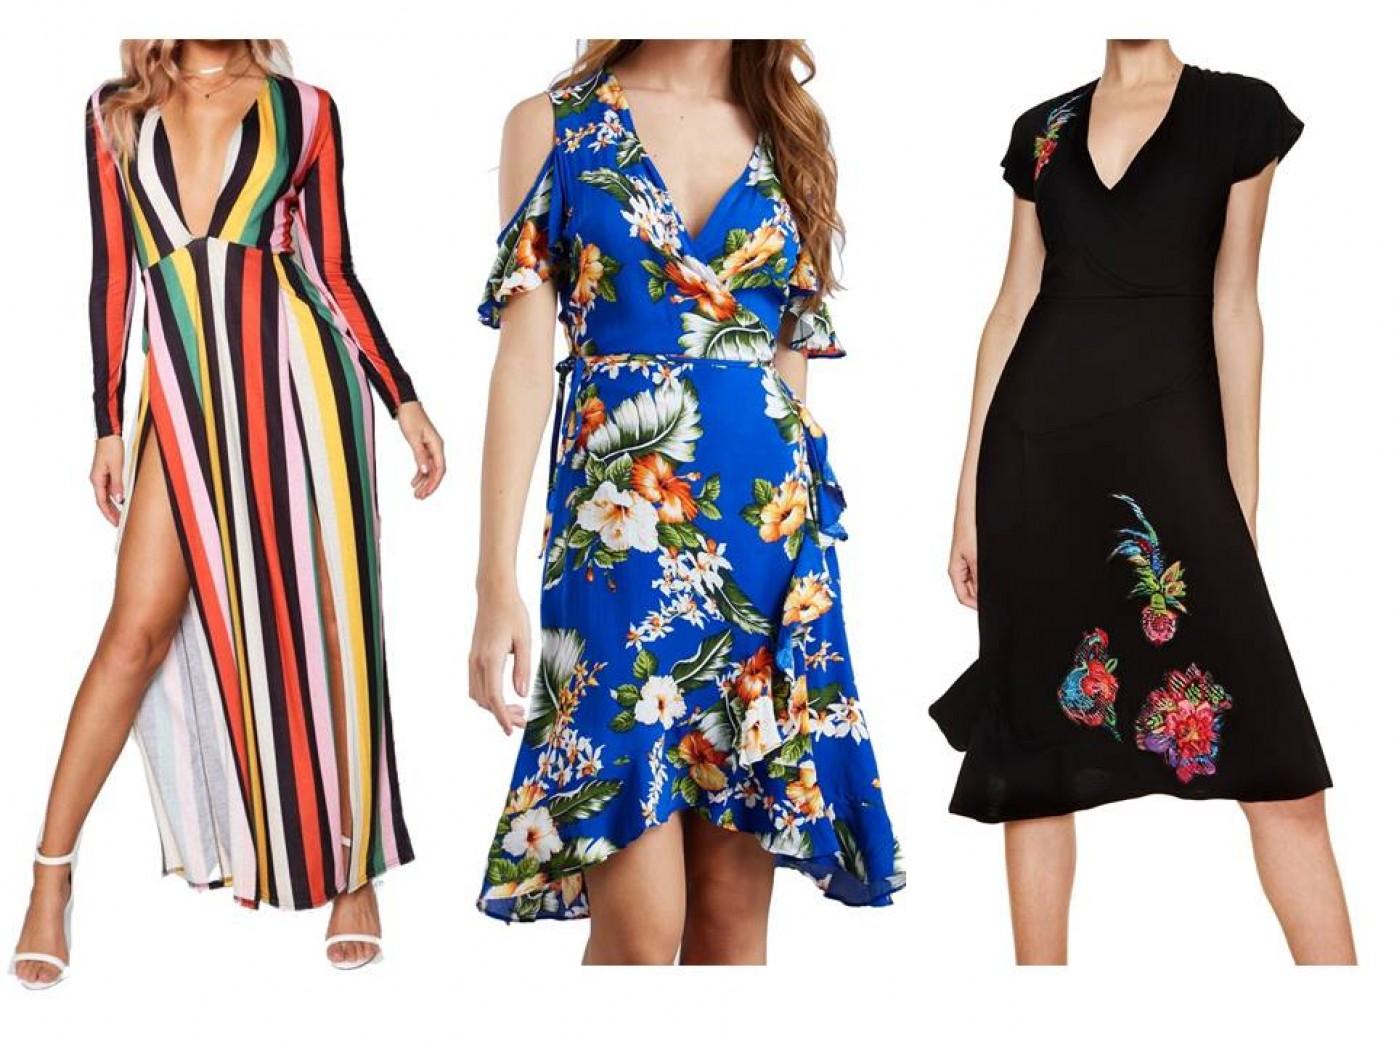 68f159be629d Jaký střih letních šatů se hodí pro vaši postavu  - Osobní módní stylista